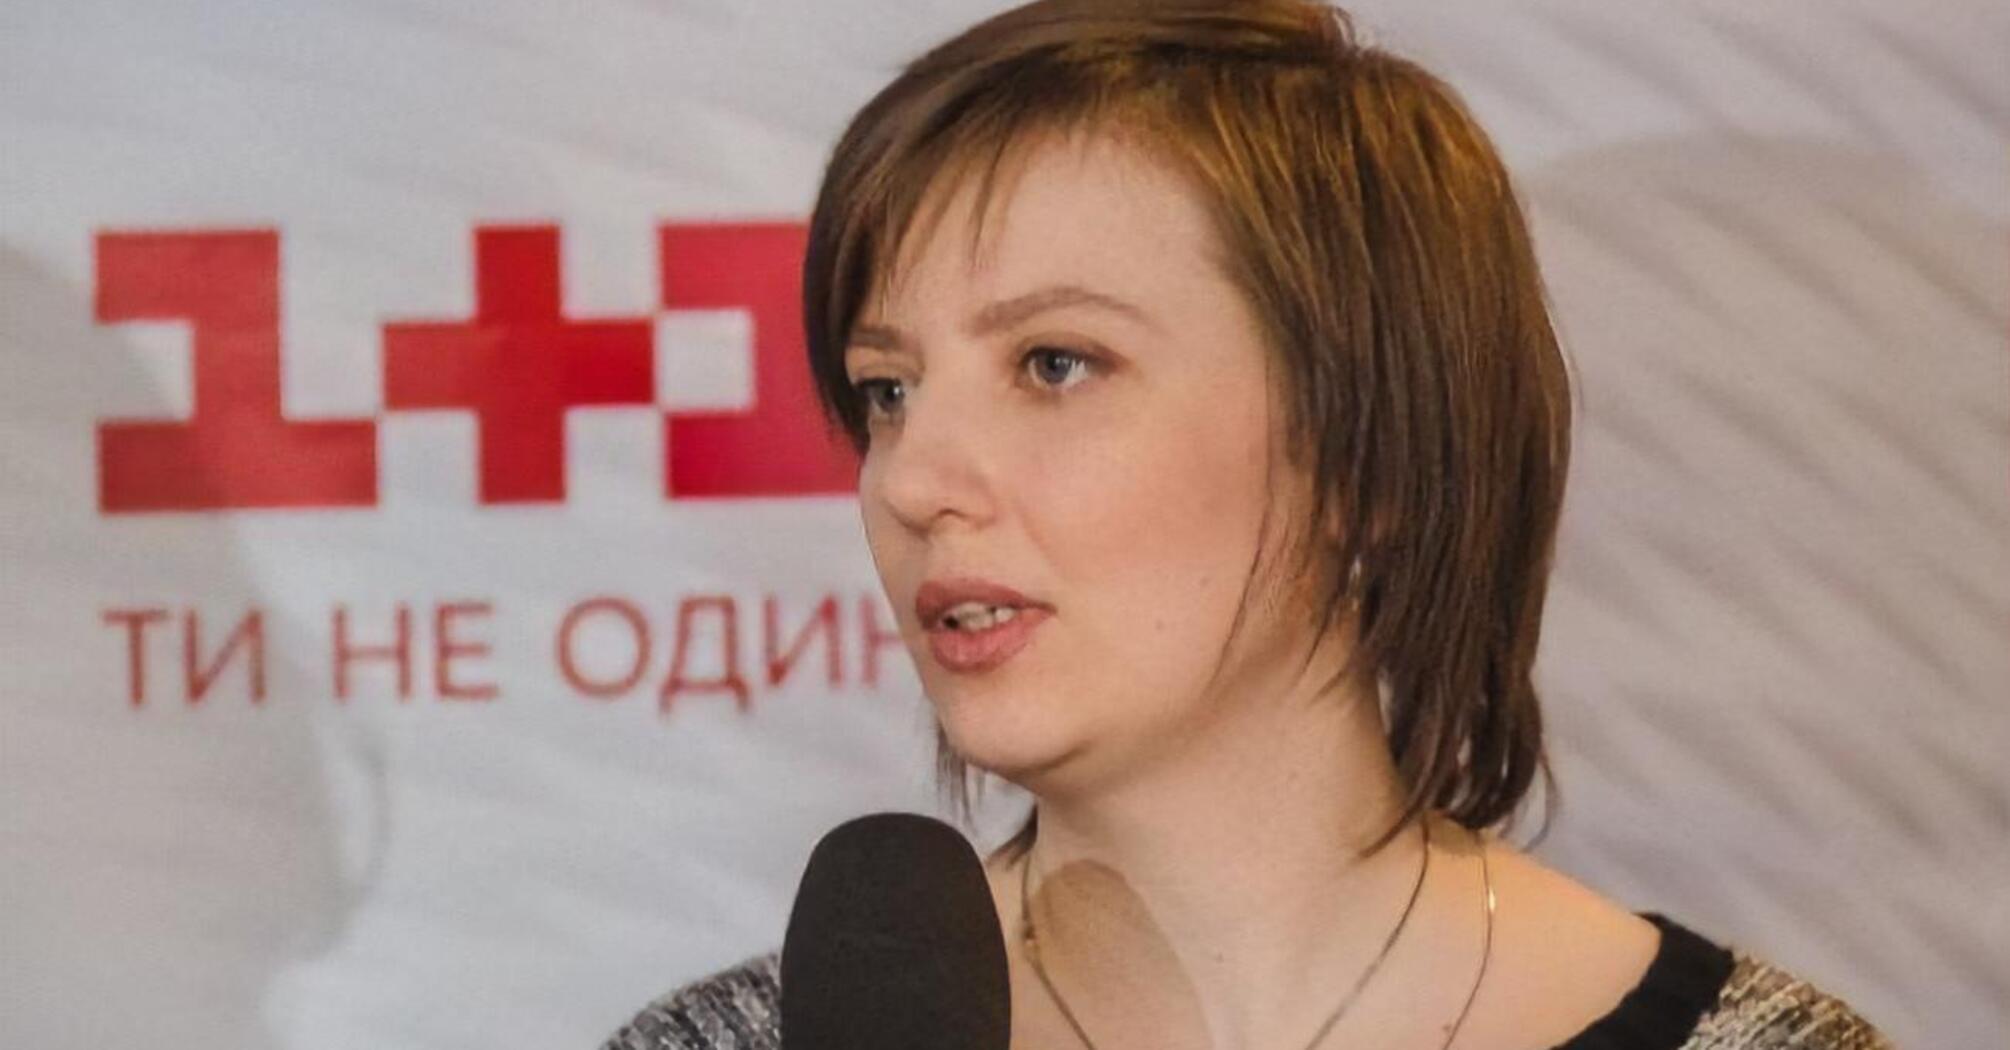 Поліція Києва відкрила кримінальну справу проти продюсера 1 + 1 через українську мову